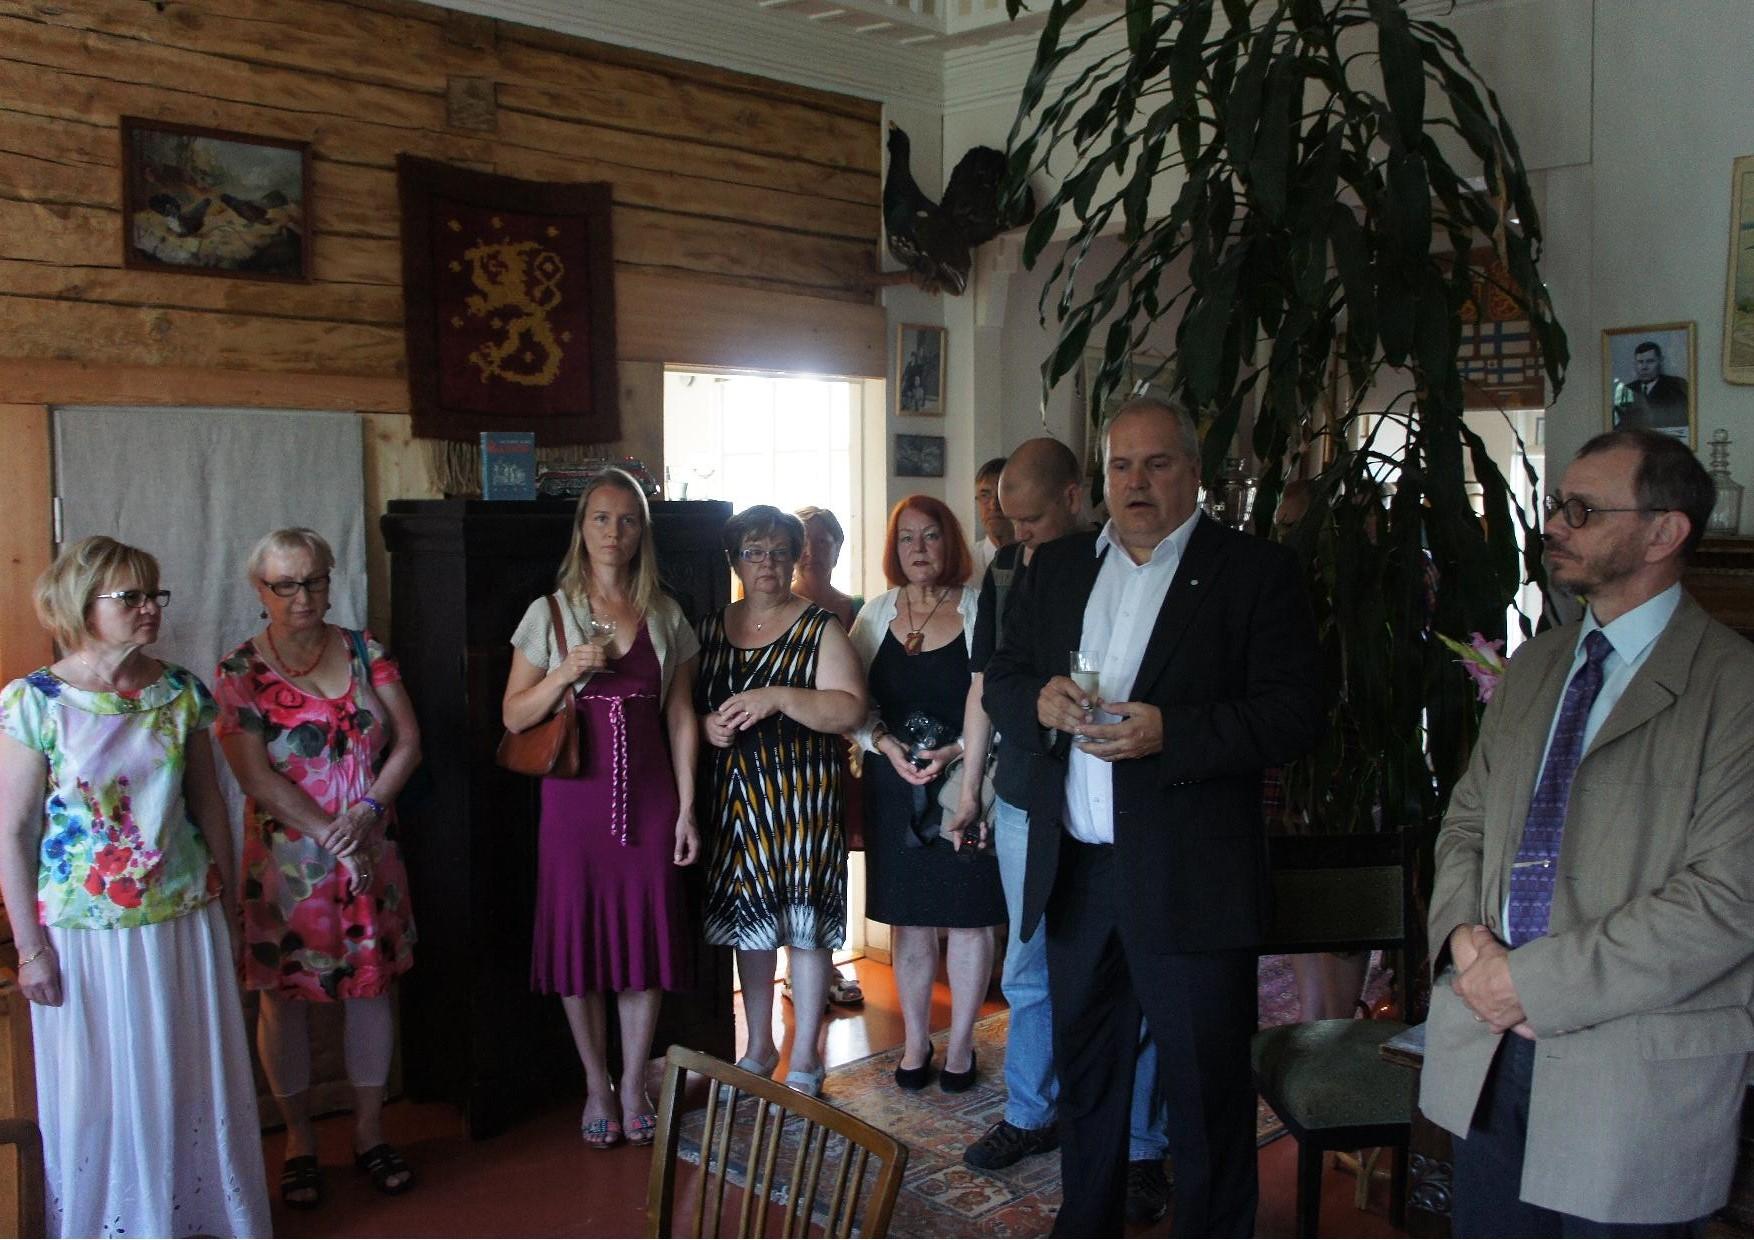 Veturimiesliiton puheenjohtaja Risto Elonen ja Lieksan kaupunginvaltuuston puheenjohtaja Ari Marjeta etualalla, joka avasi valokuvanäyttelyn.